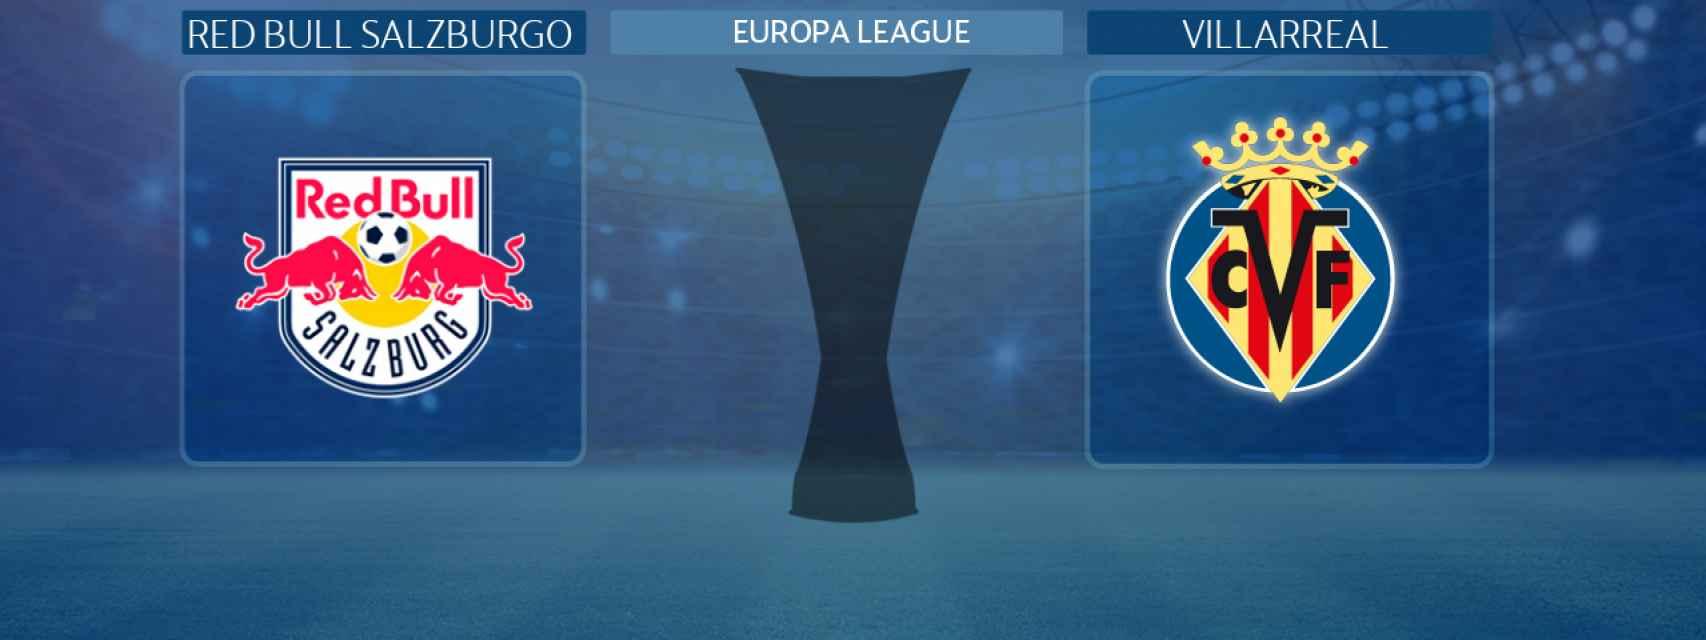 Red Bull Salzburgo - Villarreal, partido de la Europa League